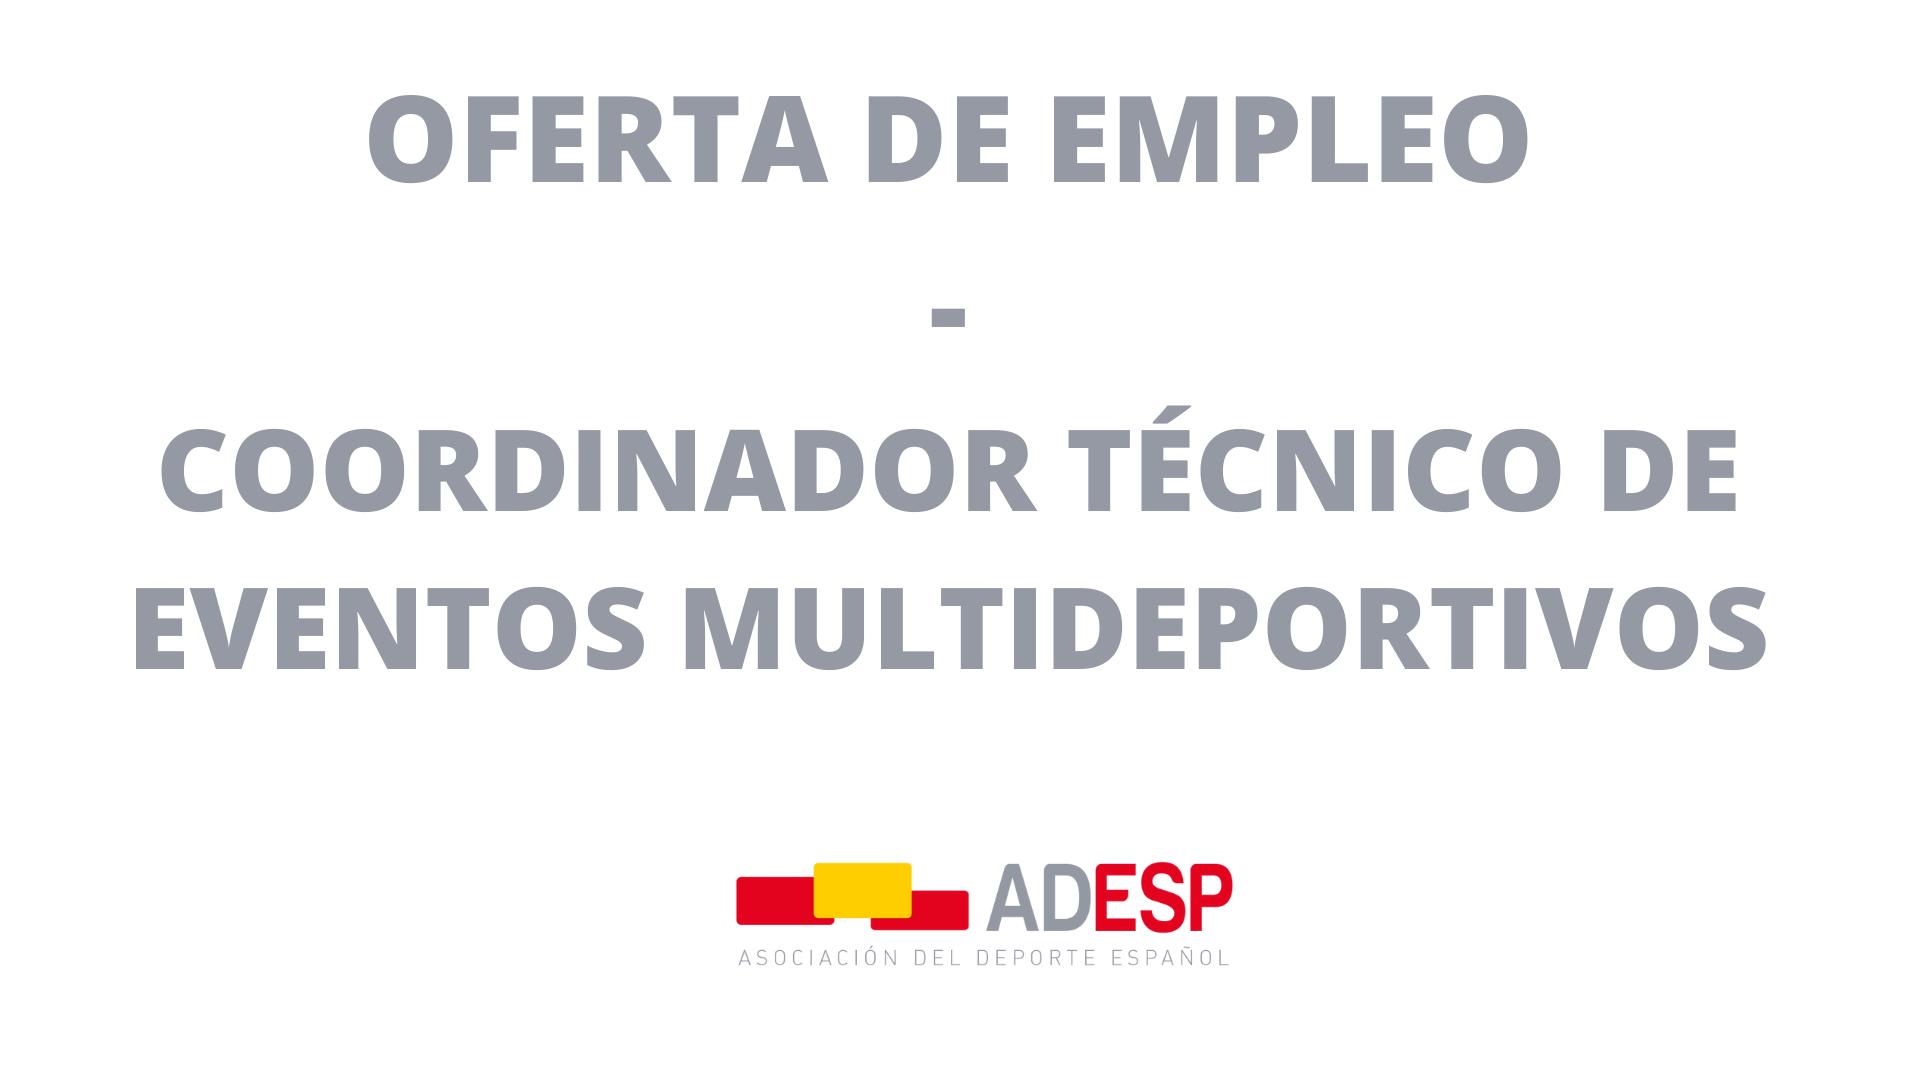 OFERTA DE EMPLEO - Coordinador Técnico de Eventos Multideportivos